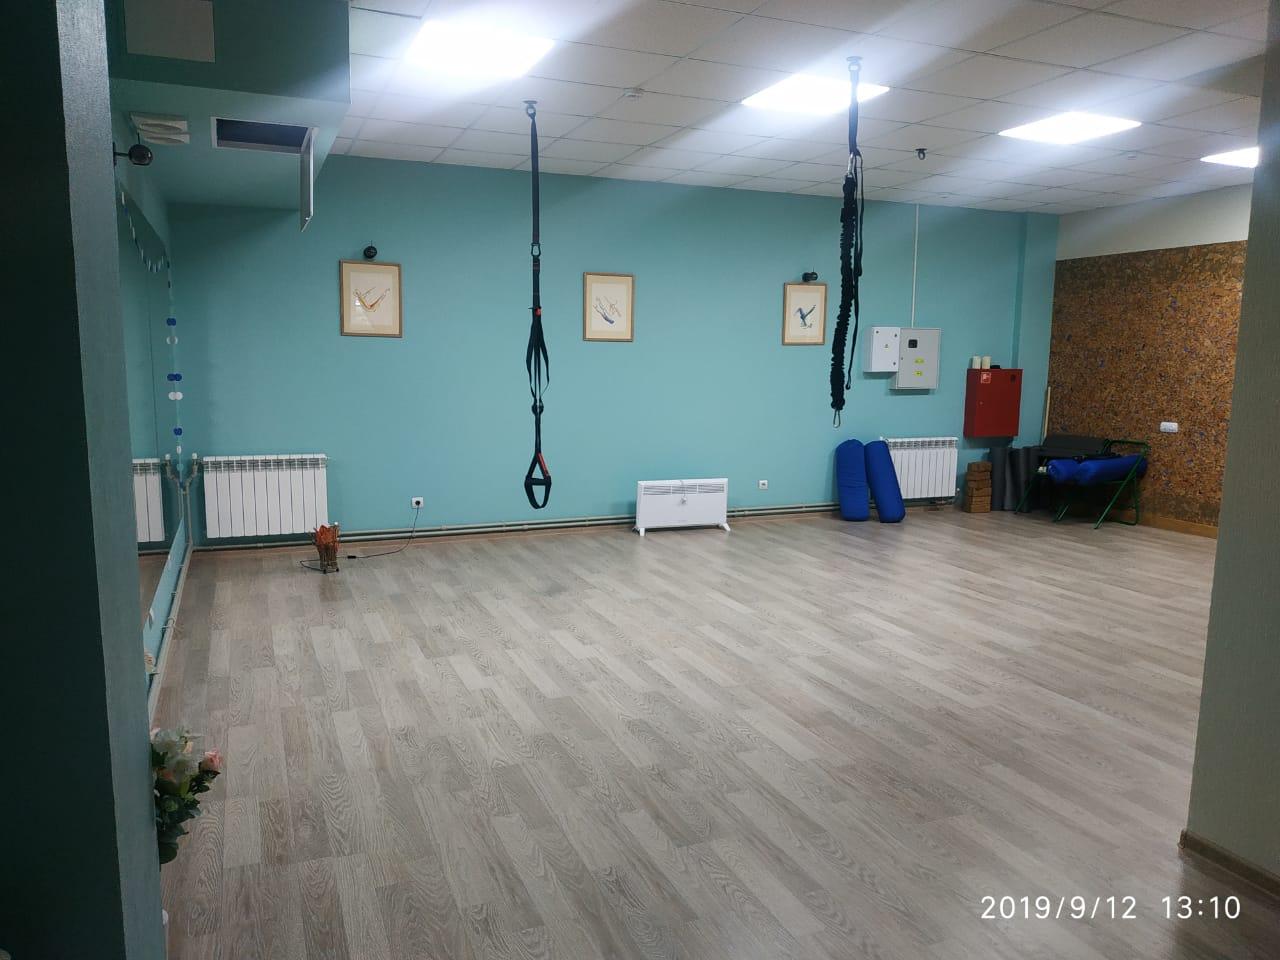 спортзал, тренажера, боевые искусства, зал боевых искусств, групповые занятия, персональные занятия